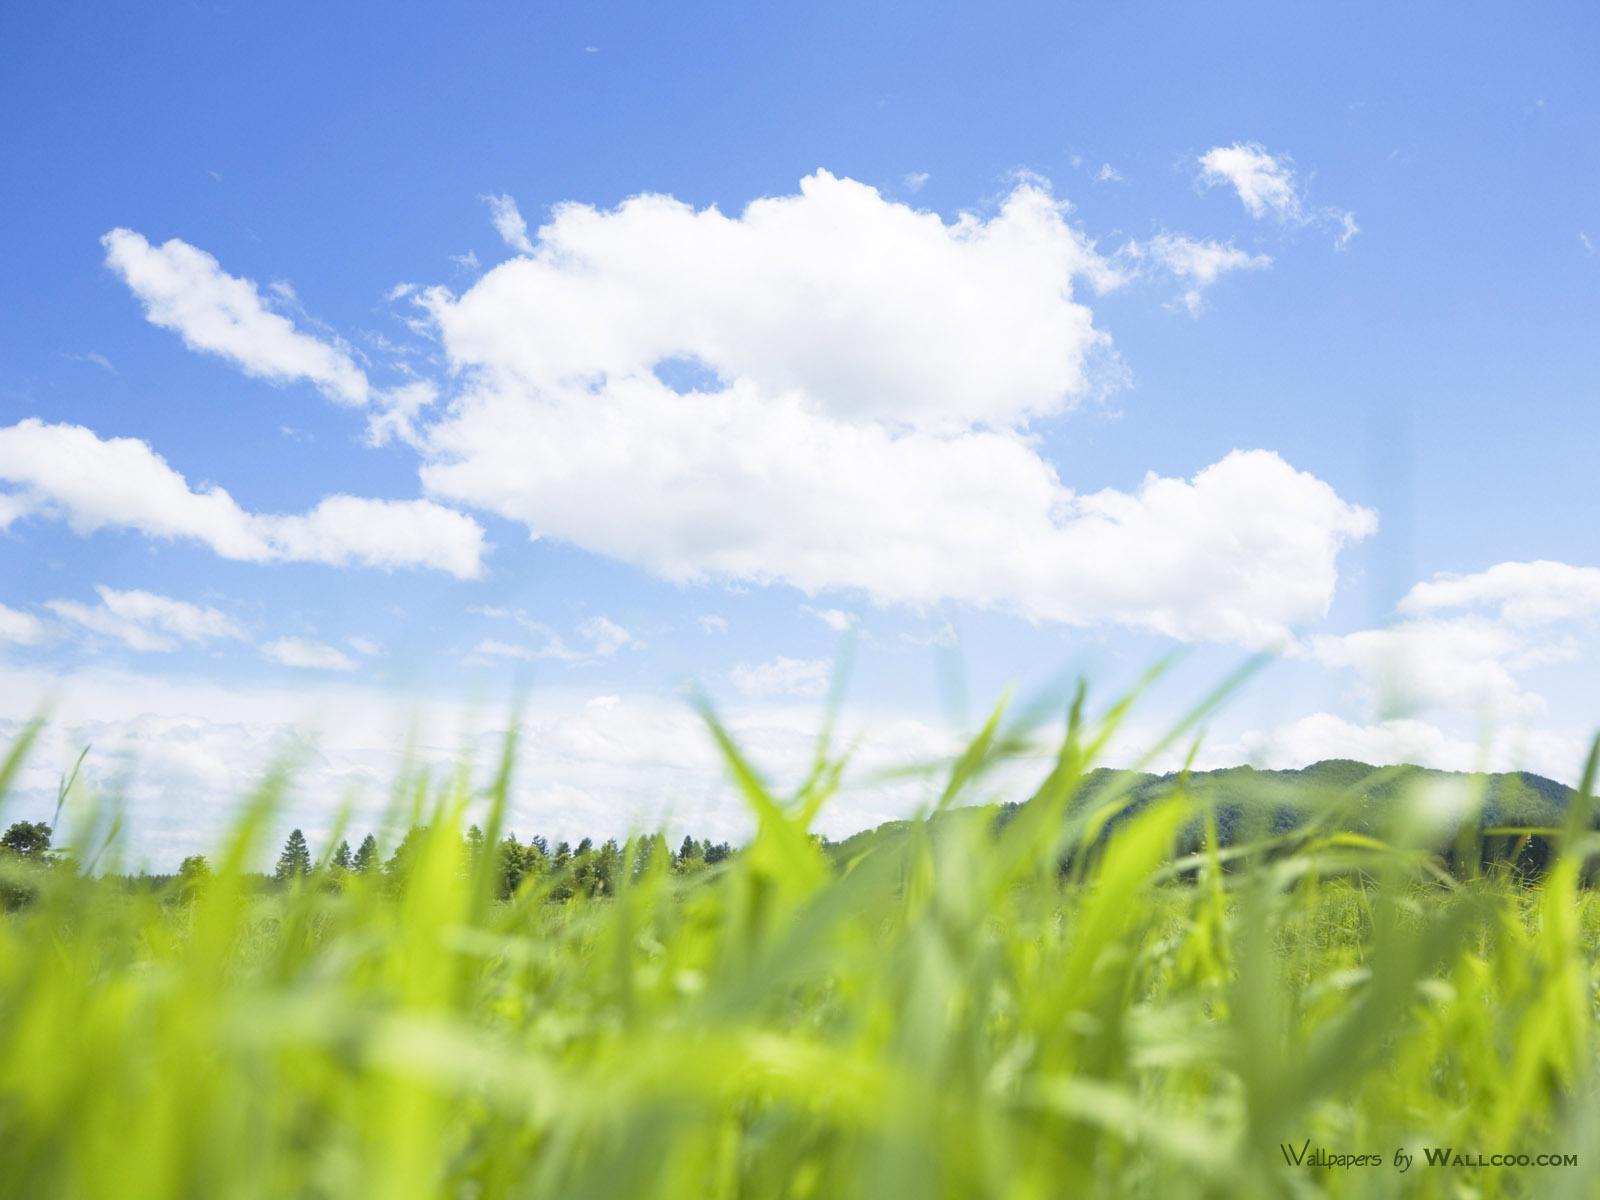 200野外草地图片 草原草地壁纸壁纸,青青草原 草原天空摄影壁纸壁